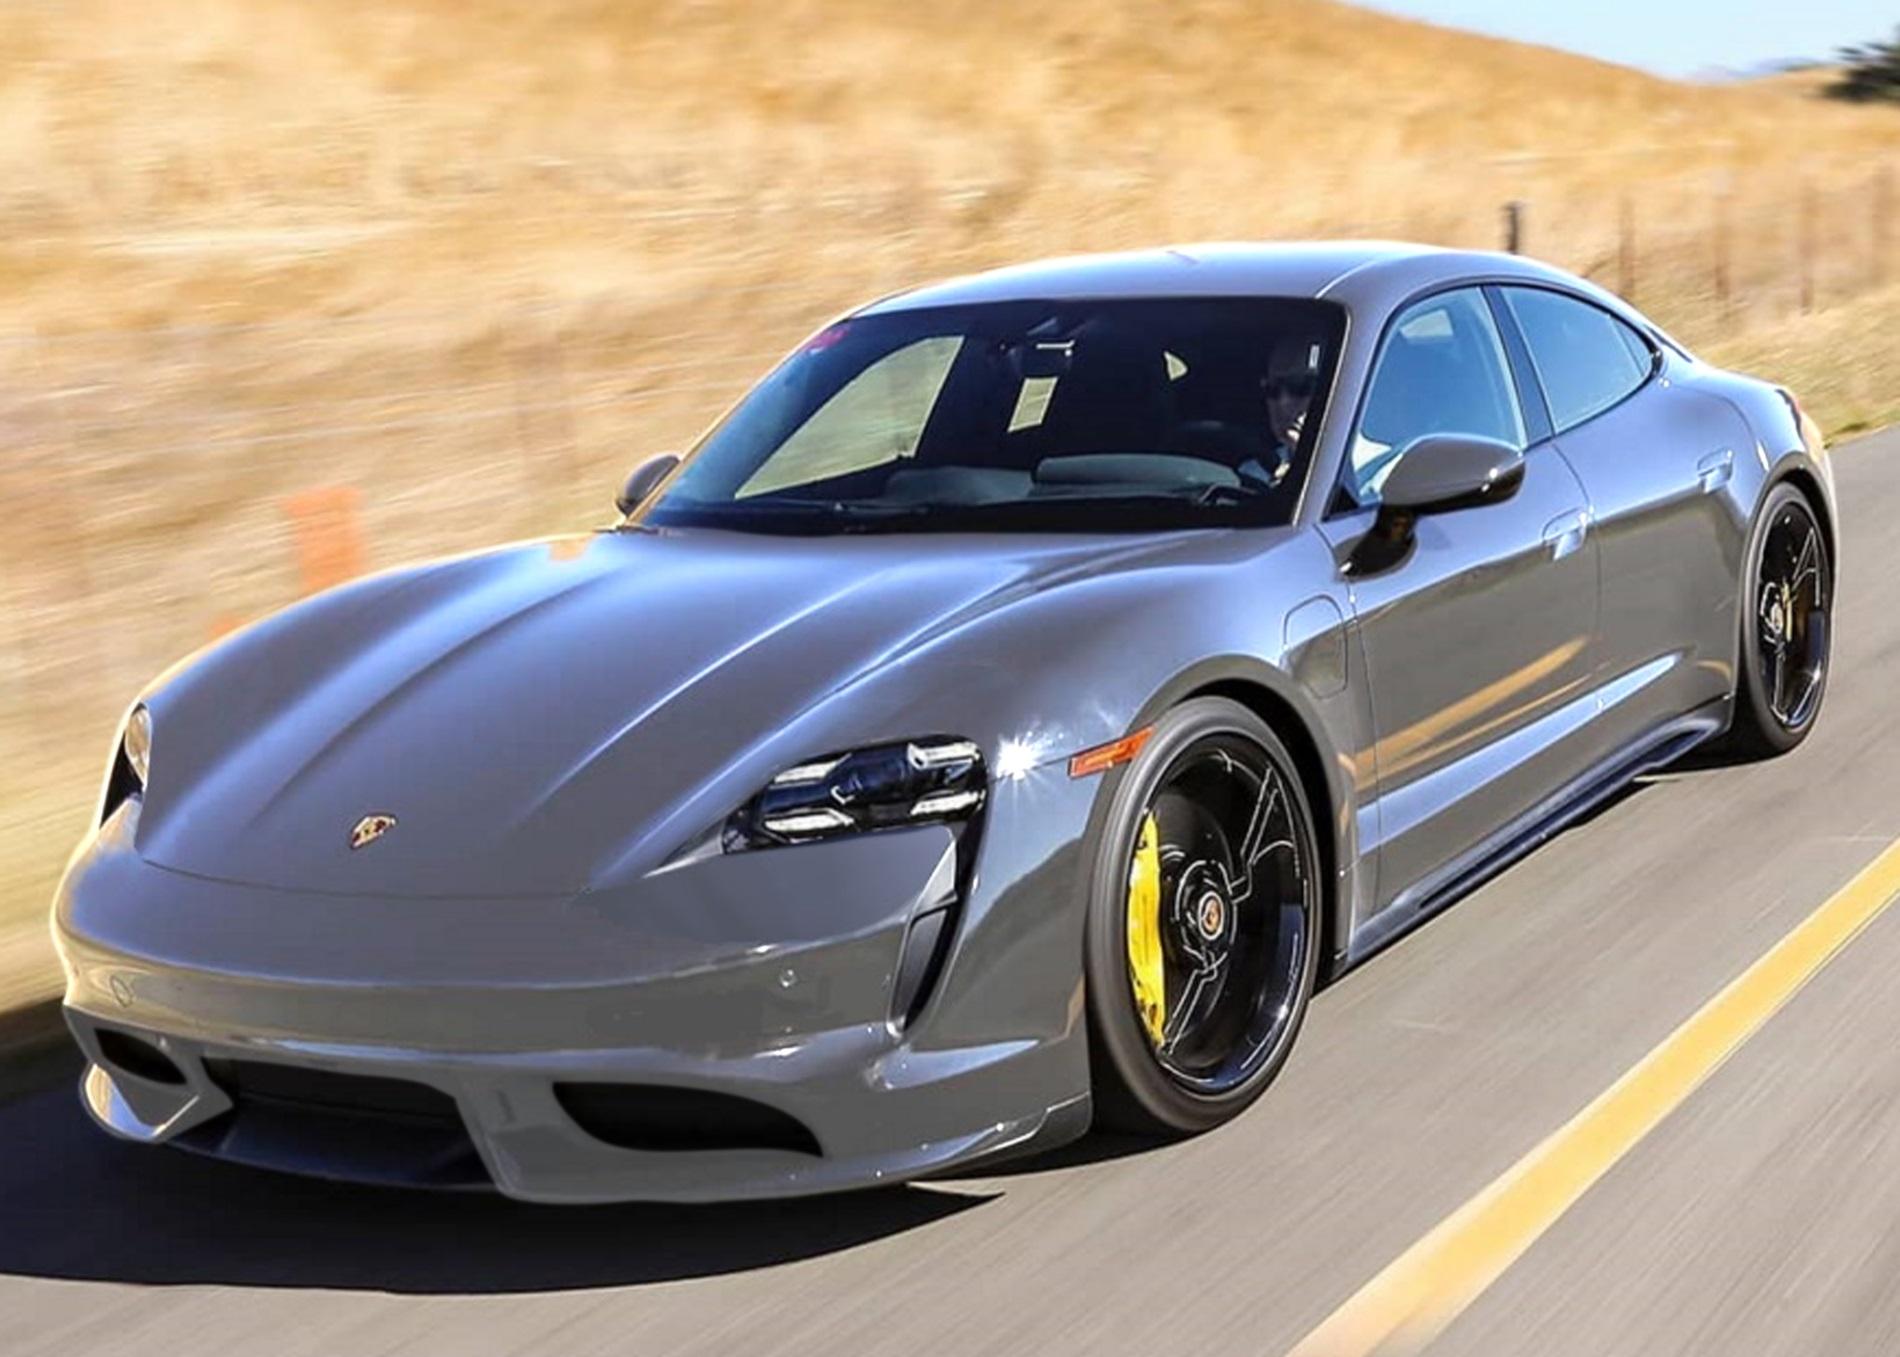 Porsche-Taycan-renderings-11